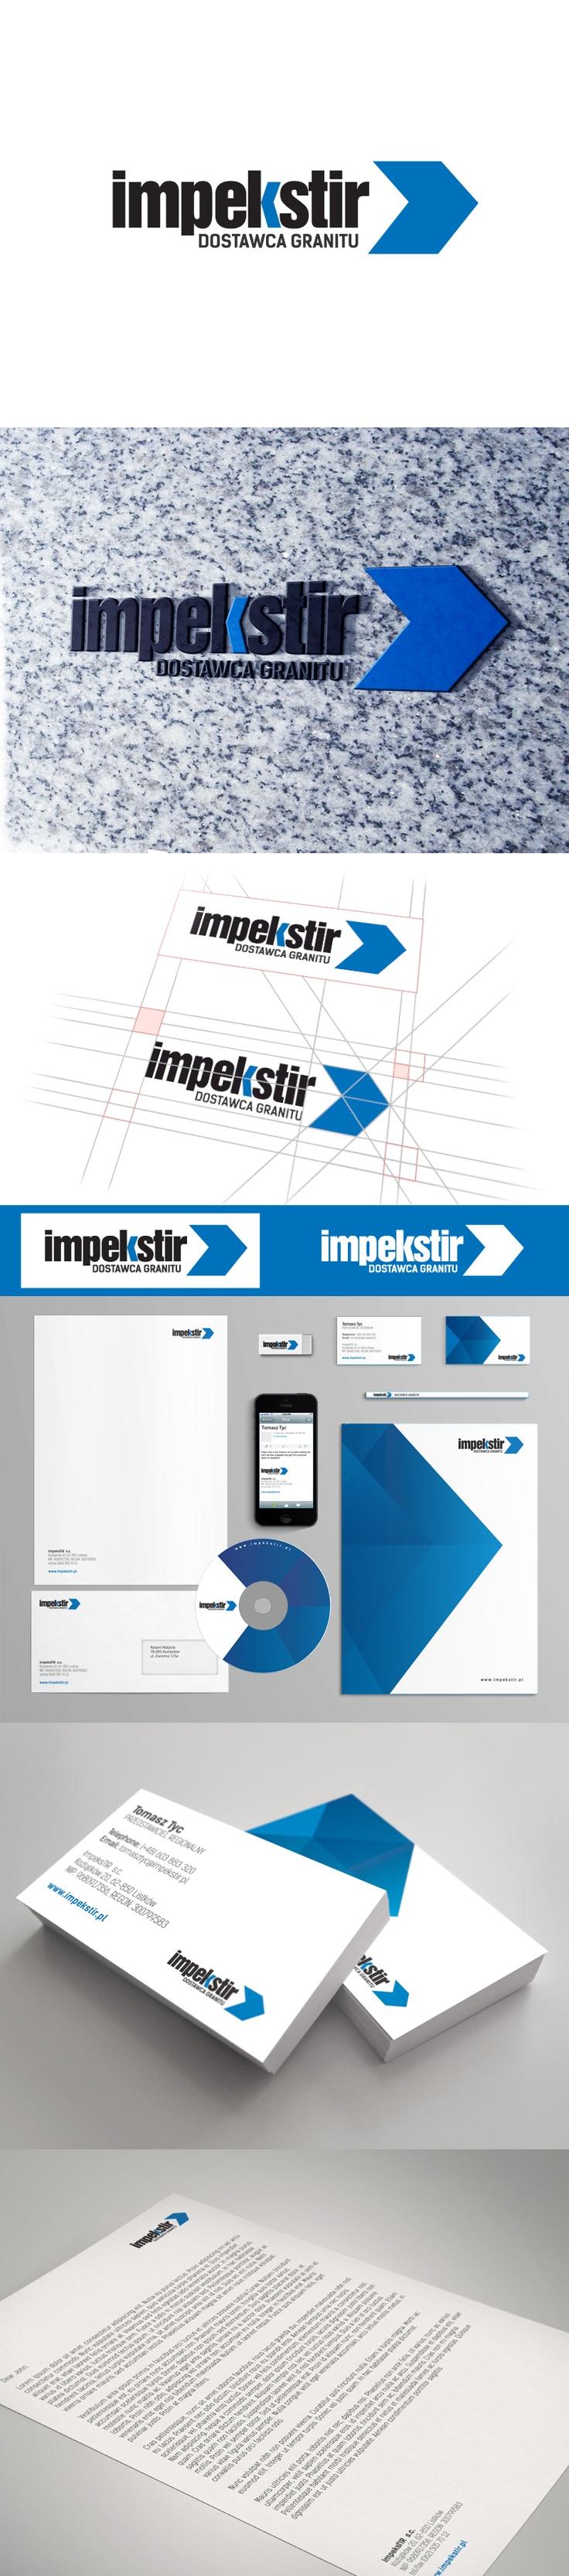 Identyfikacja wizualna firmy Impekstir zajmującej się dystrybucją granitu. Projekt obejmował stworzenie logo, materiałów reklamowych, katalogu, emaili oraz strony internetowej.